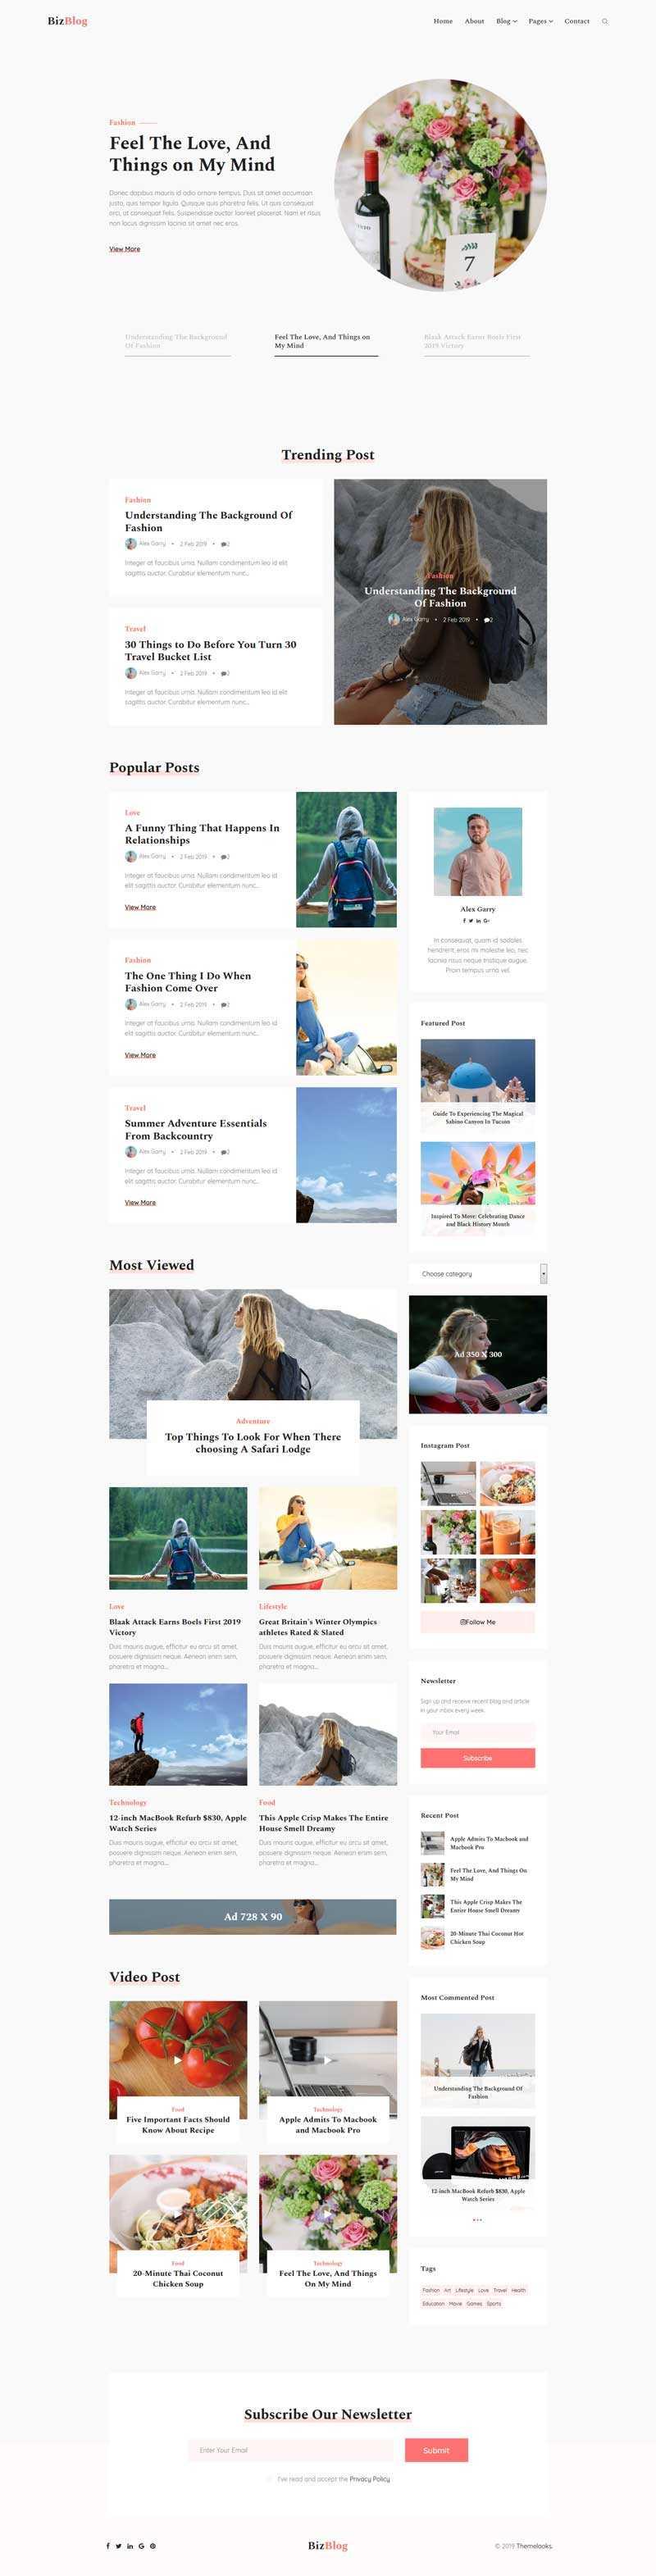 响应式生活博客设计网站HTML5模板